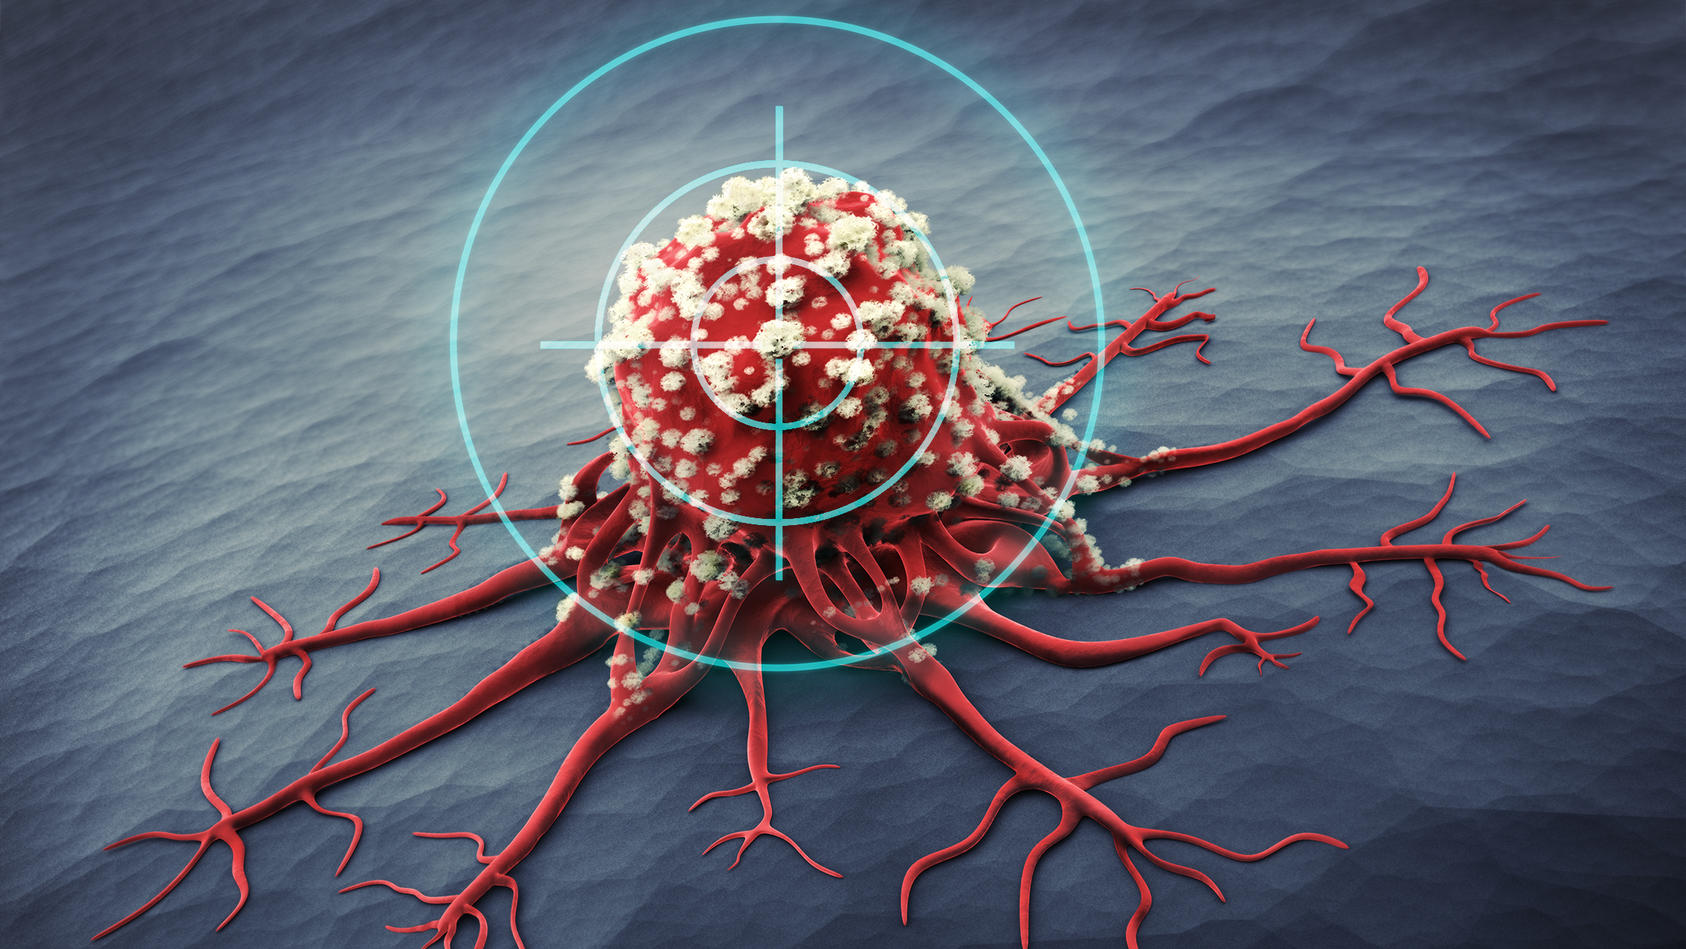 """Krebszellen können in einen """"Schlummerzustand"""" geraten. Kölner Forscher wollen sich das zunutze machen. (Symbolbild)"""